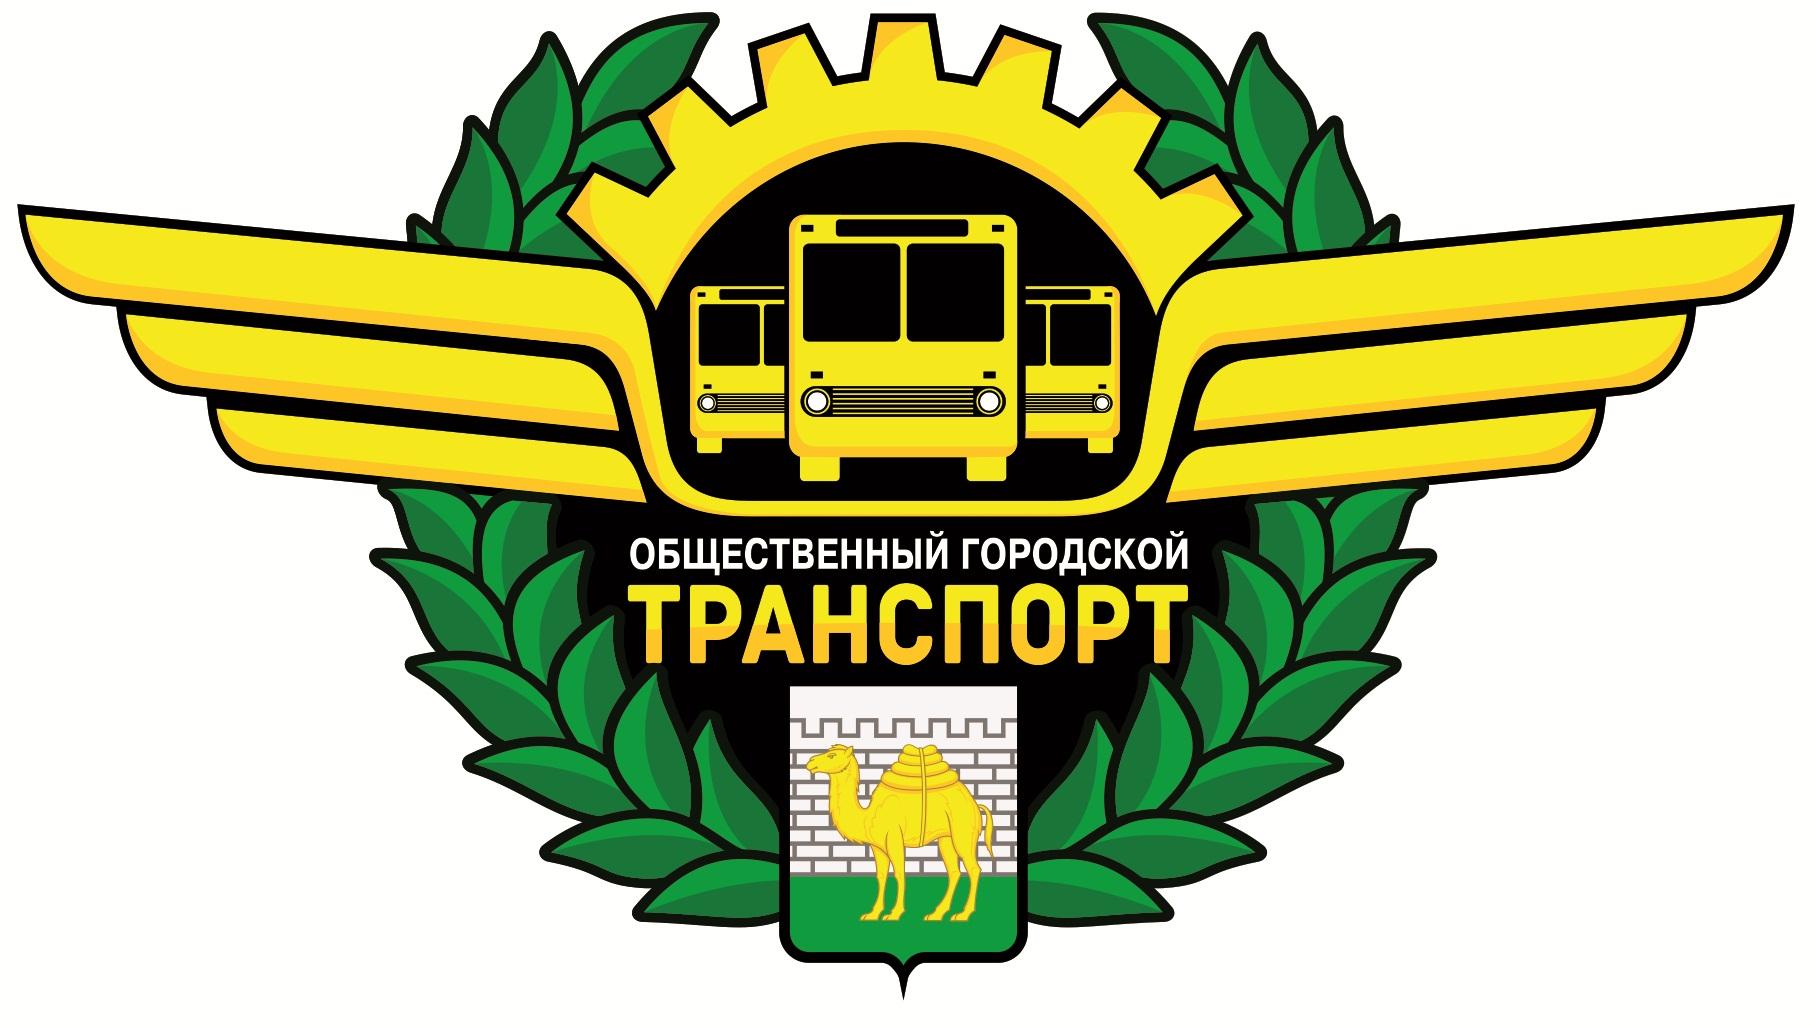 Общественный городской транспорт